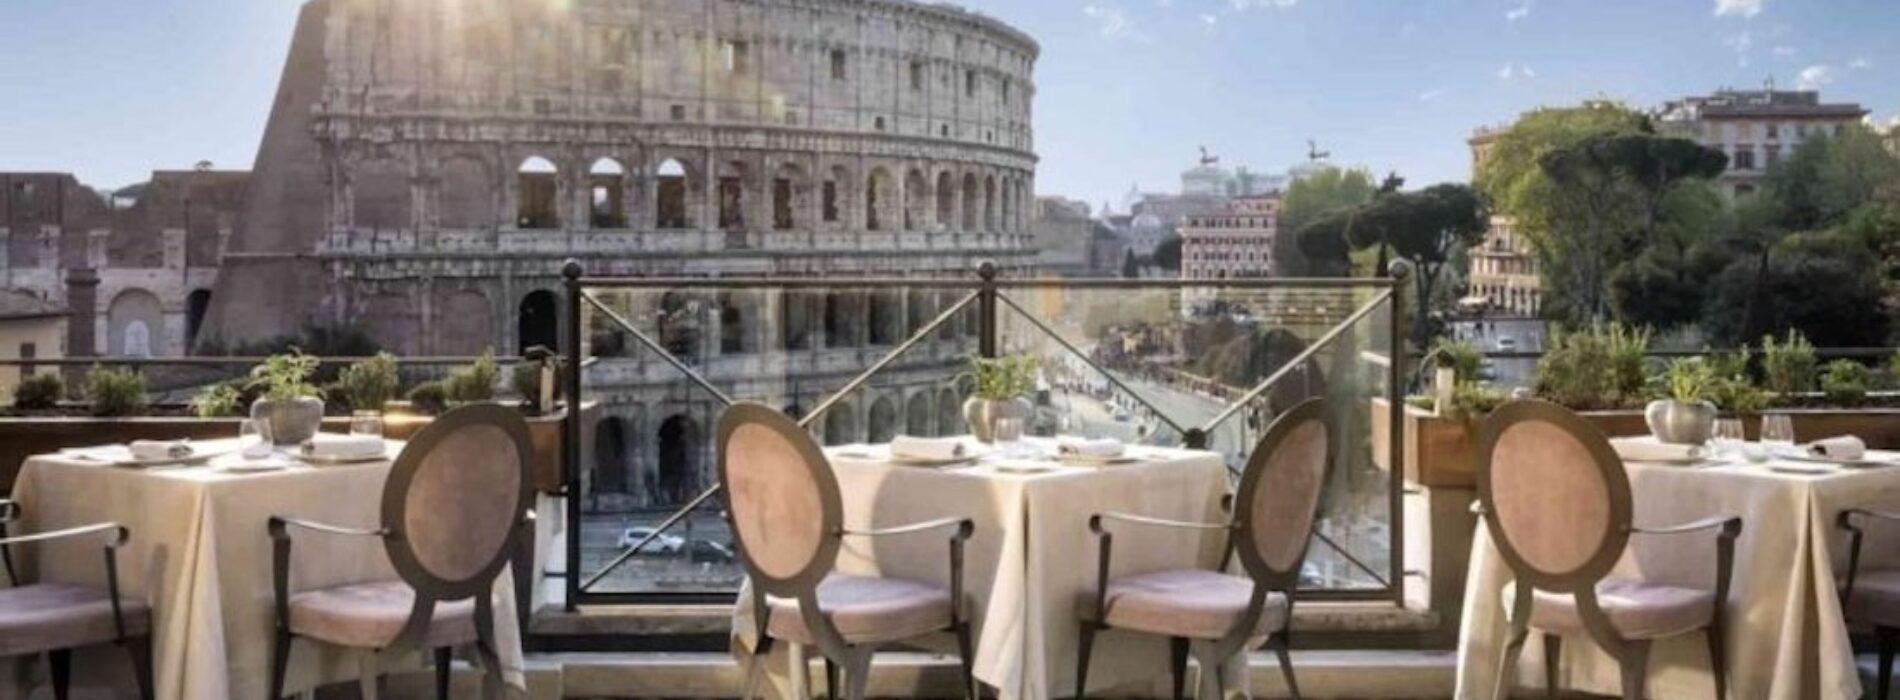 Le migliori terrazze di Roma 2021: colazione, pranzo e cena con vista sulle bellezze della città